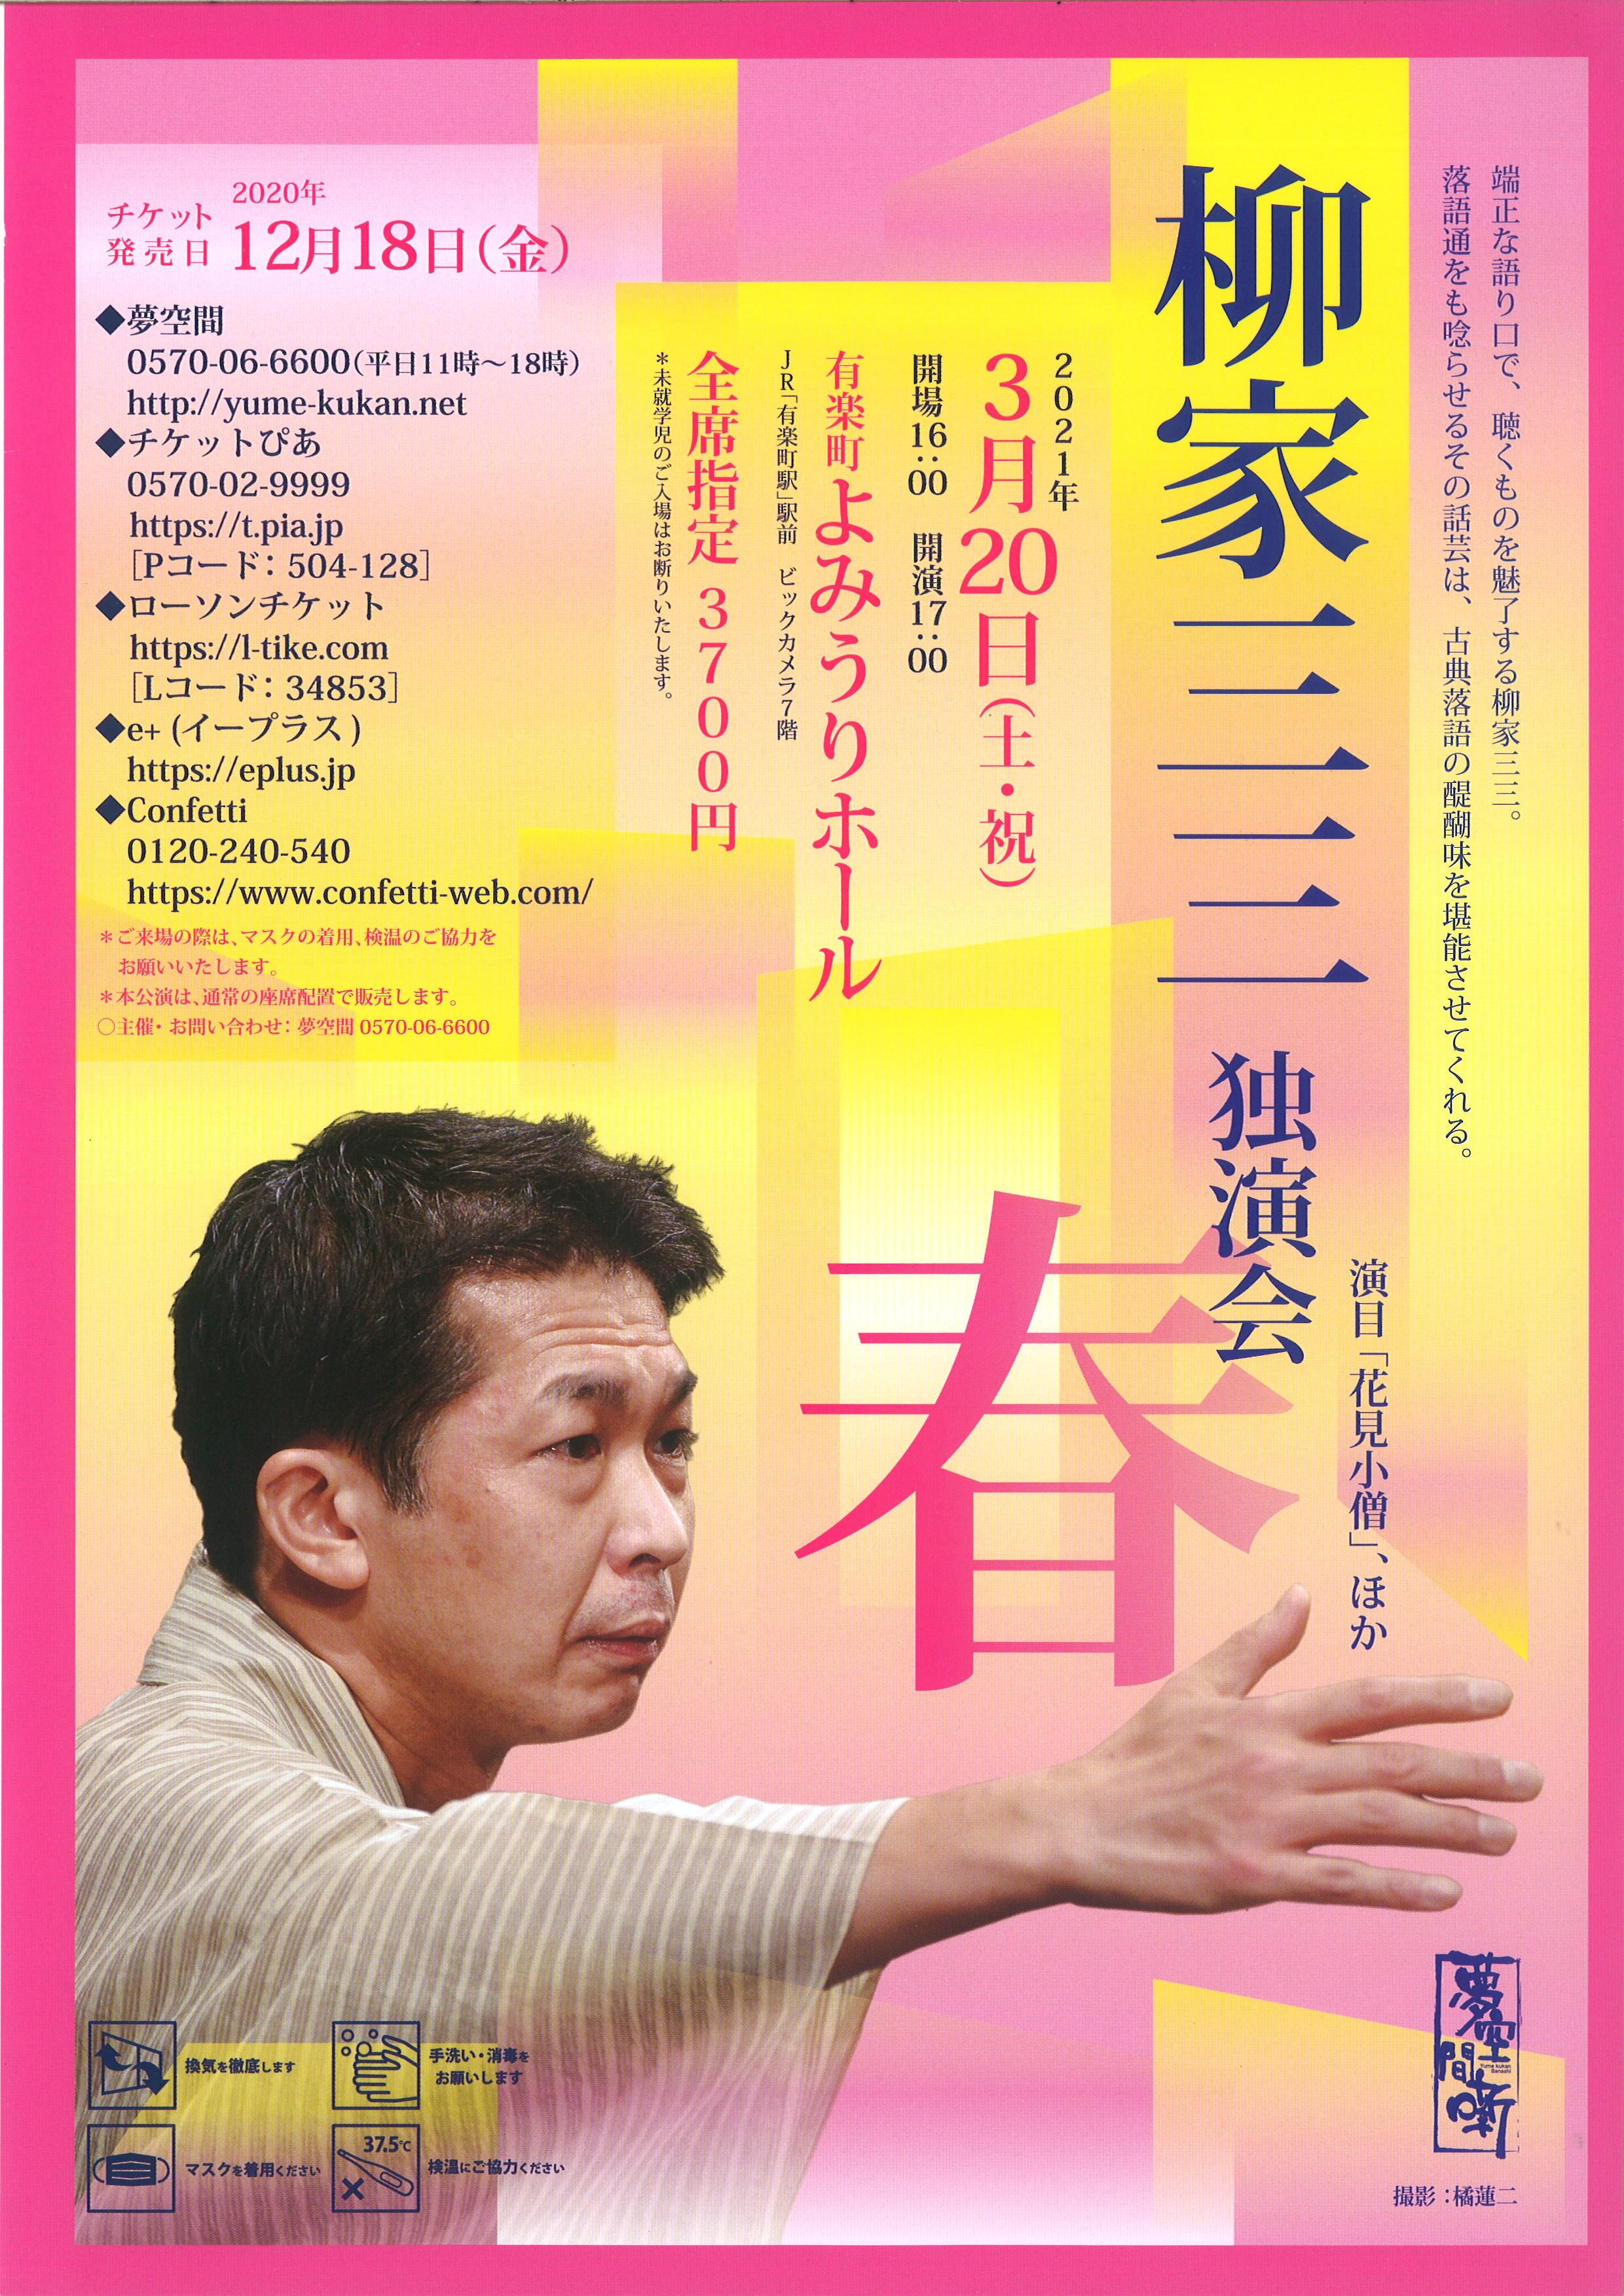 柳家三三 独演会「春」 イベントチラシ画像